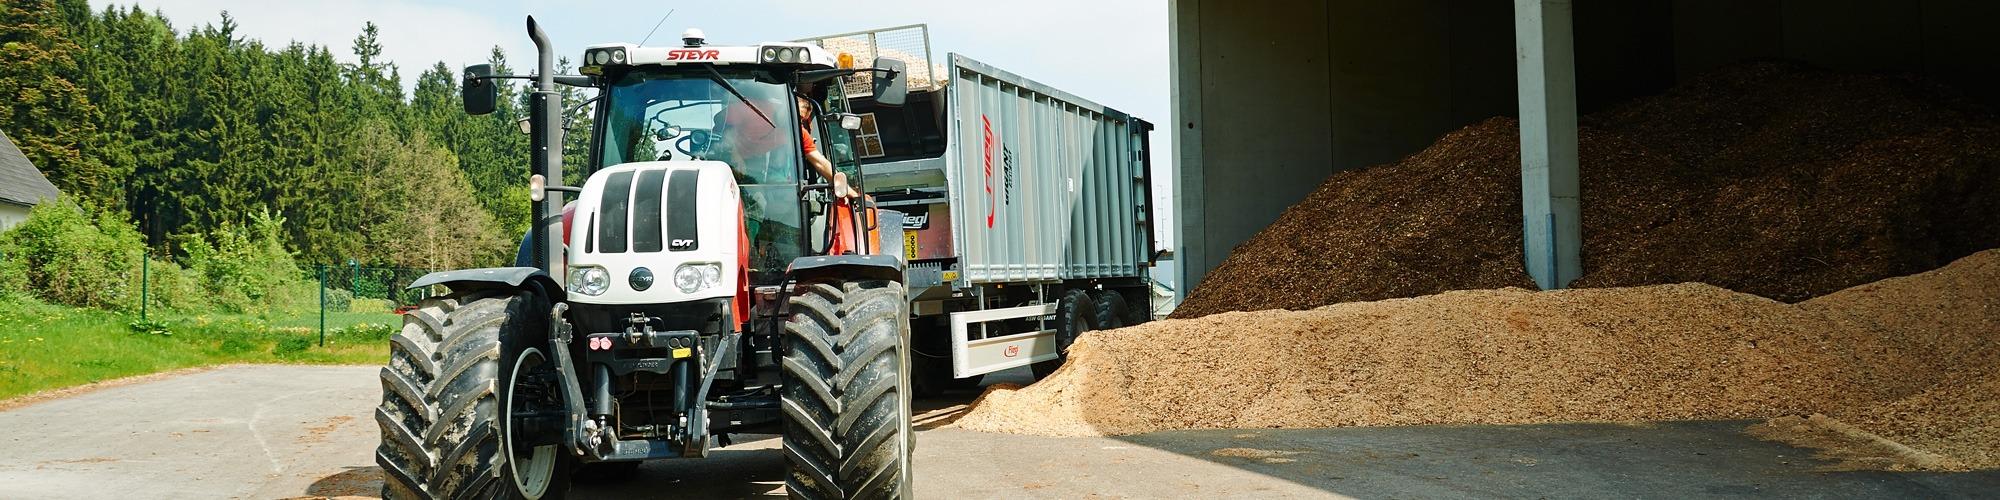 Bioenergie Biomasse vom Maschinenring